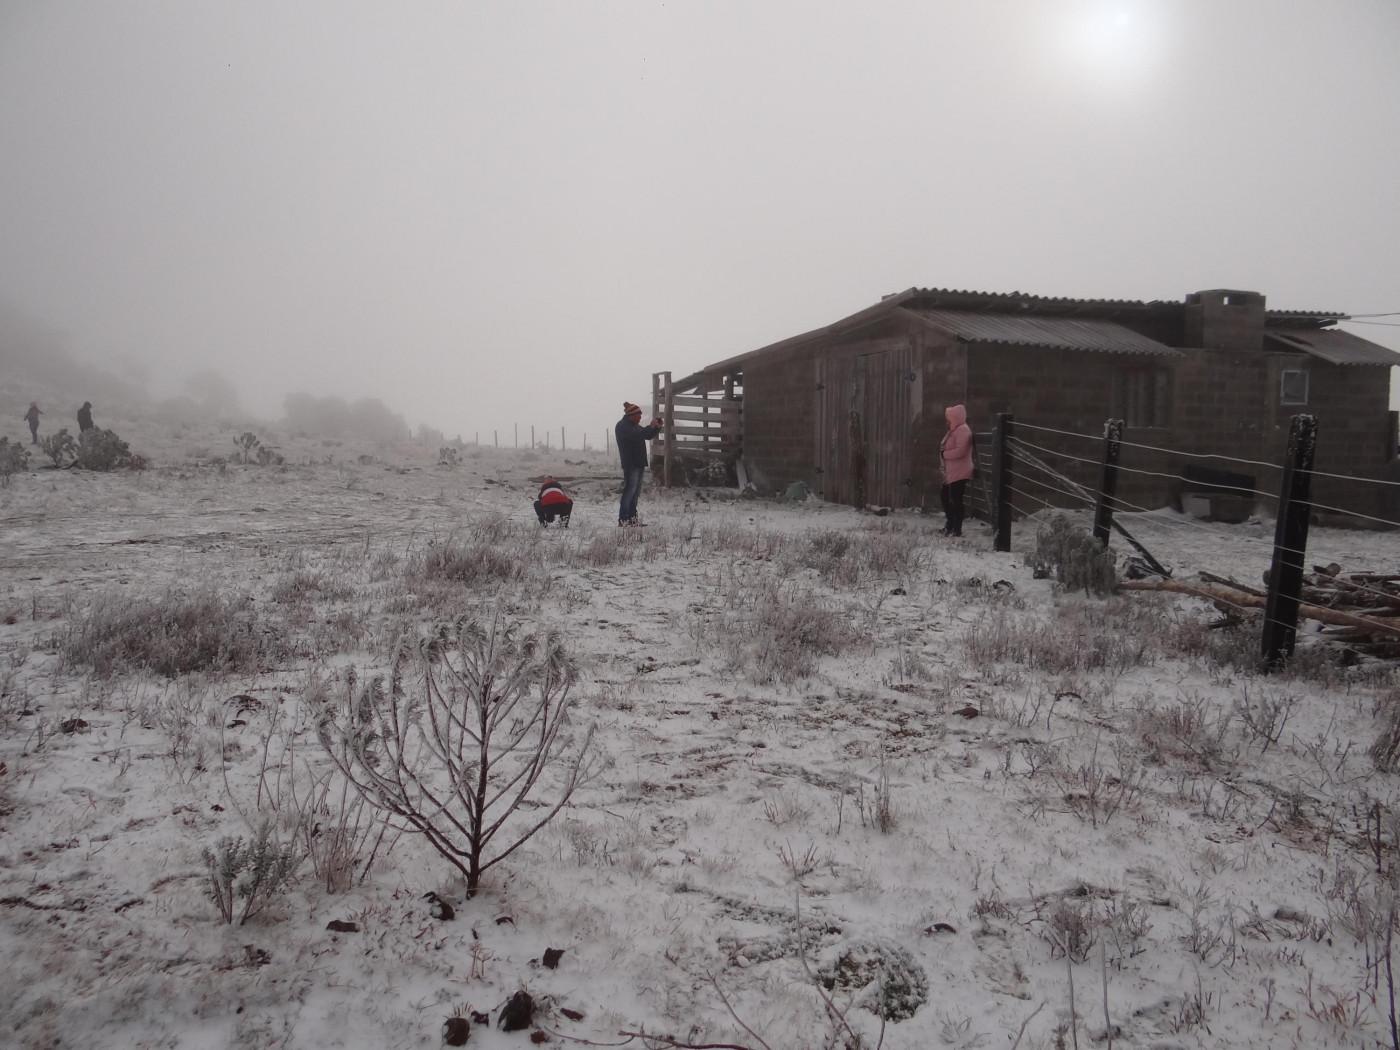 A cidade de Urupema (SC) registrou queda de neve nesta quarta-feira